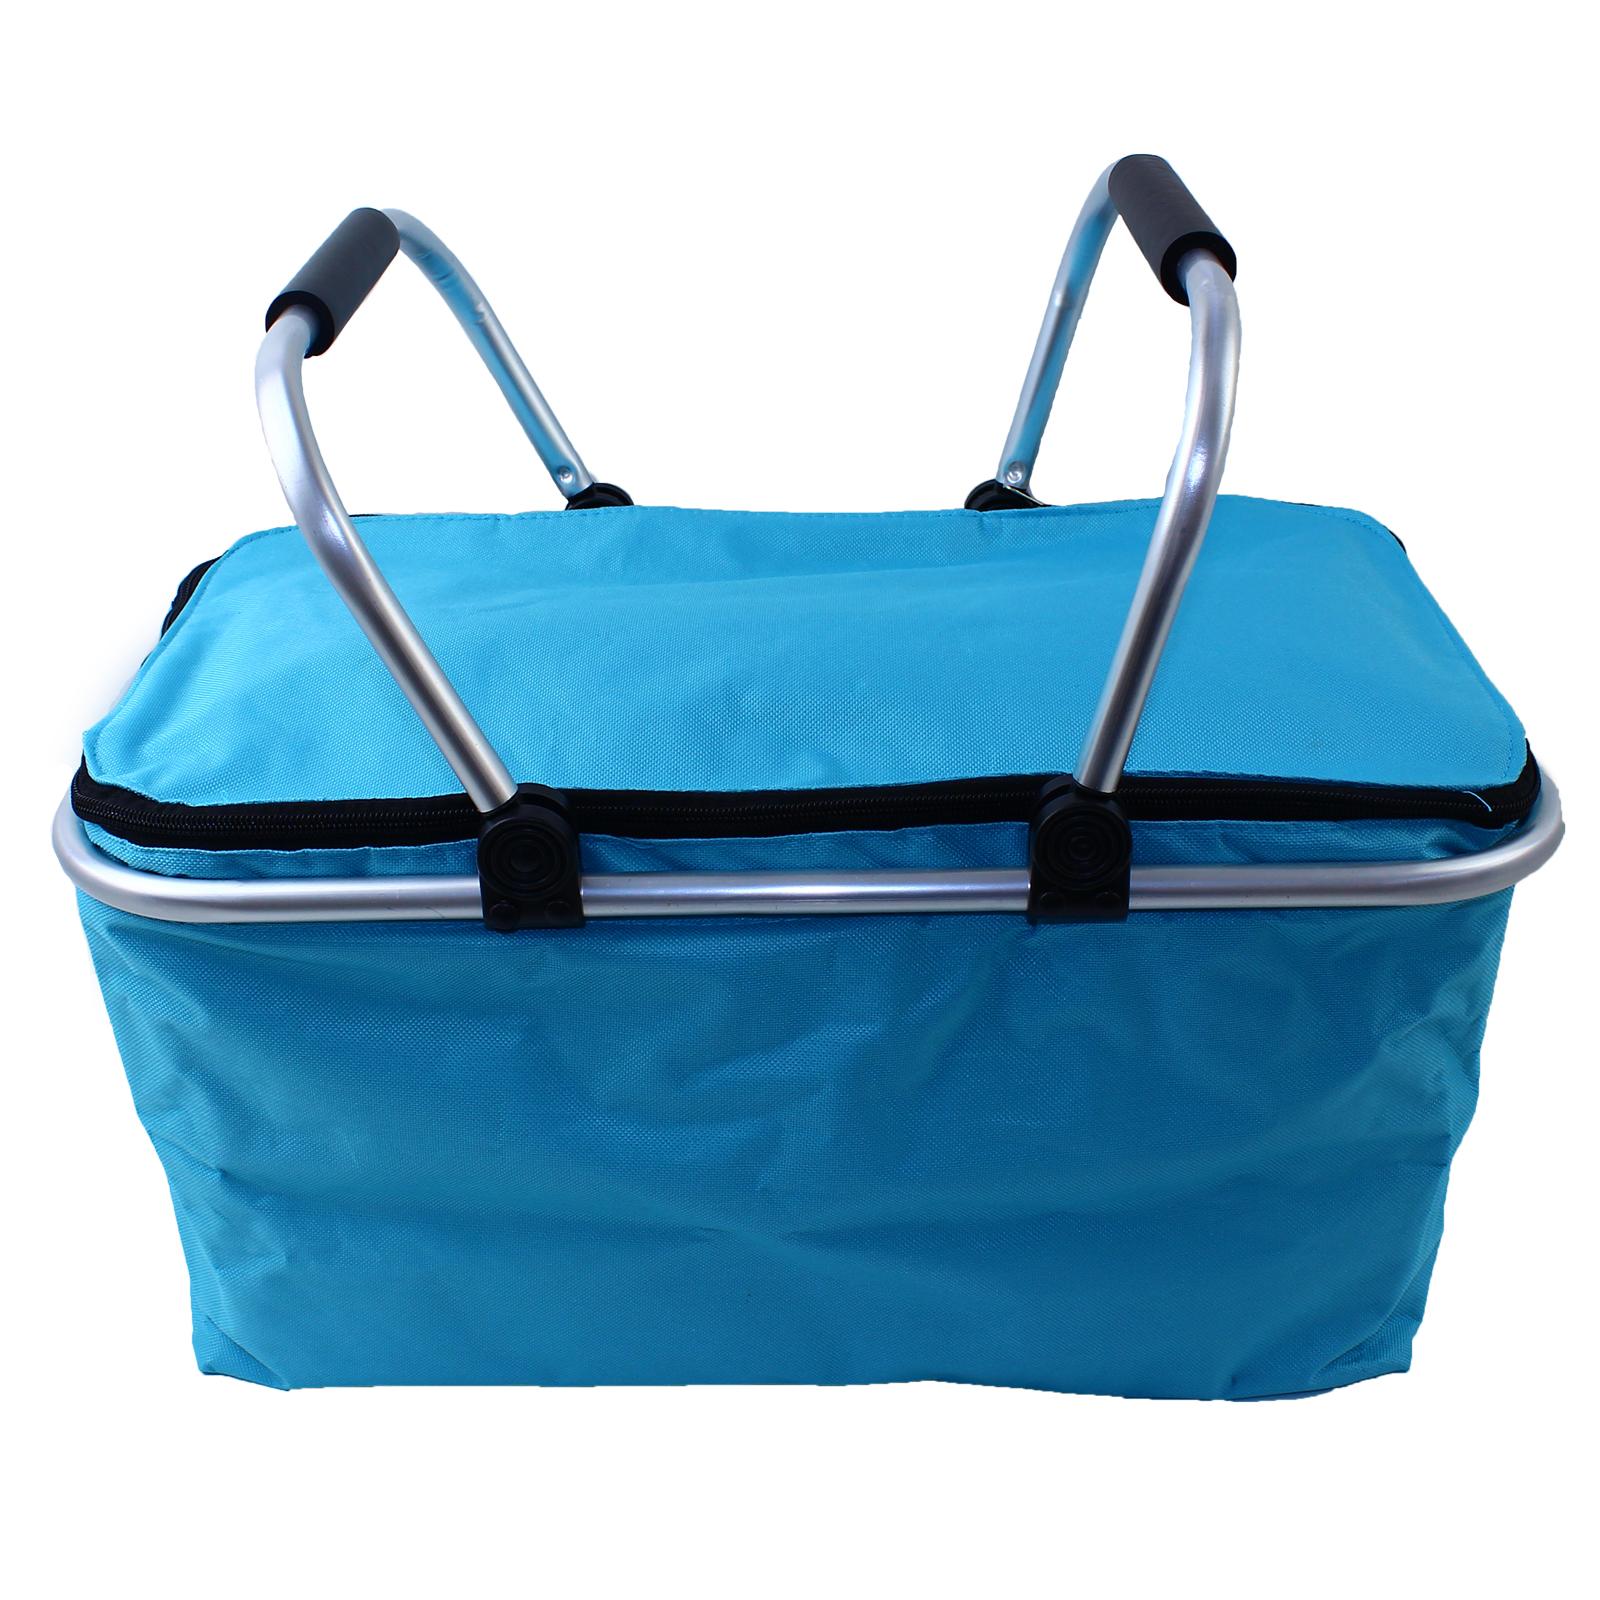 Sac Fourre Tout De Voyage : Picnic basket refroidisseur sac panier isotherme pliable